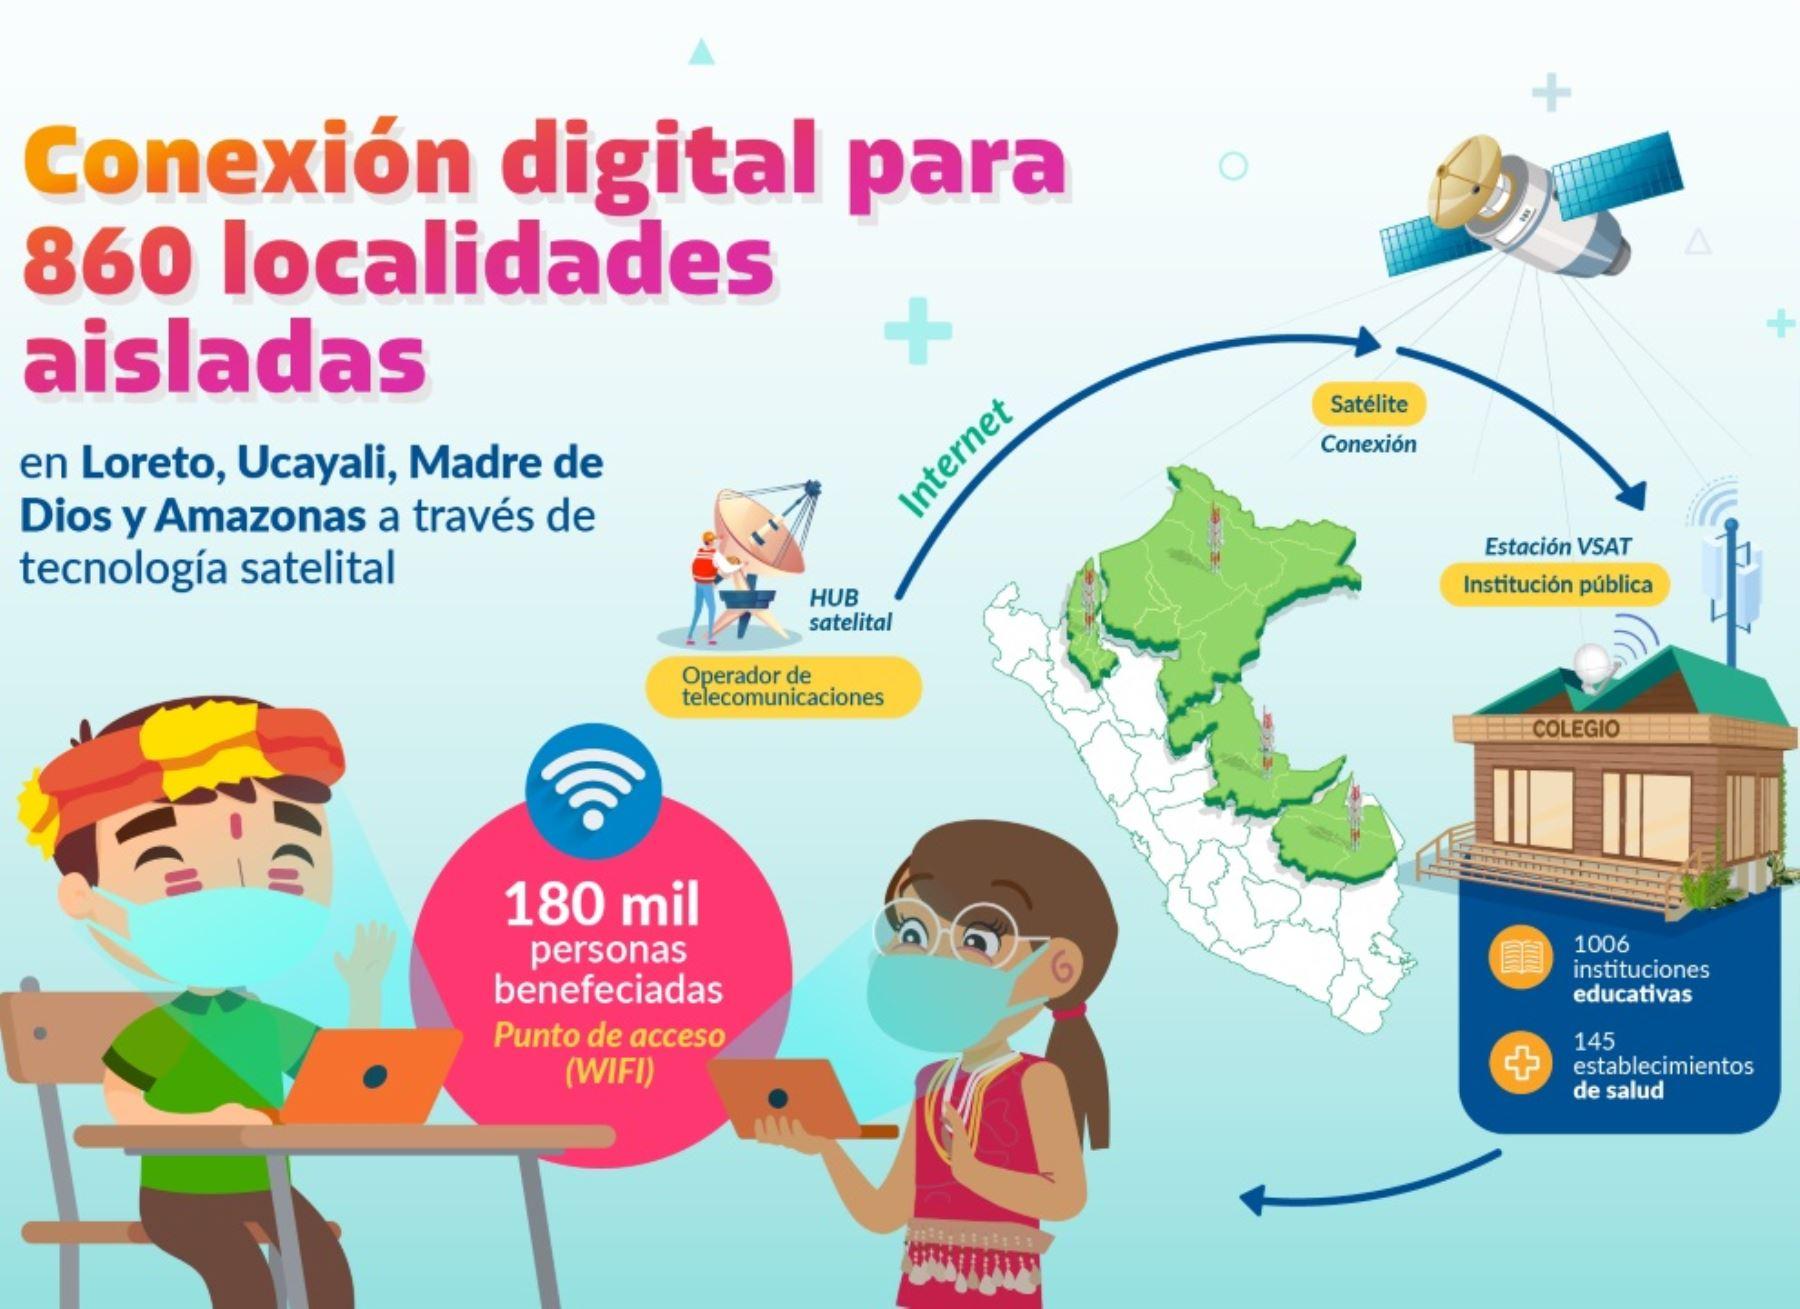 Más de 1,000 escuelas de zonas alejadas de cuatro regiones amazónicas tendrán acceso a internet satelital, anunció el MTC. ANDINA/Difusión